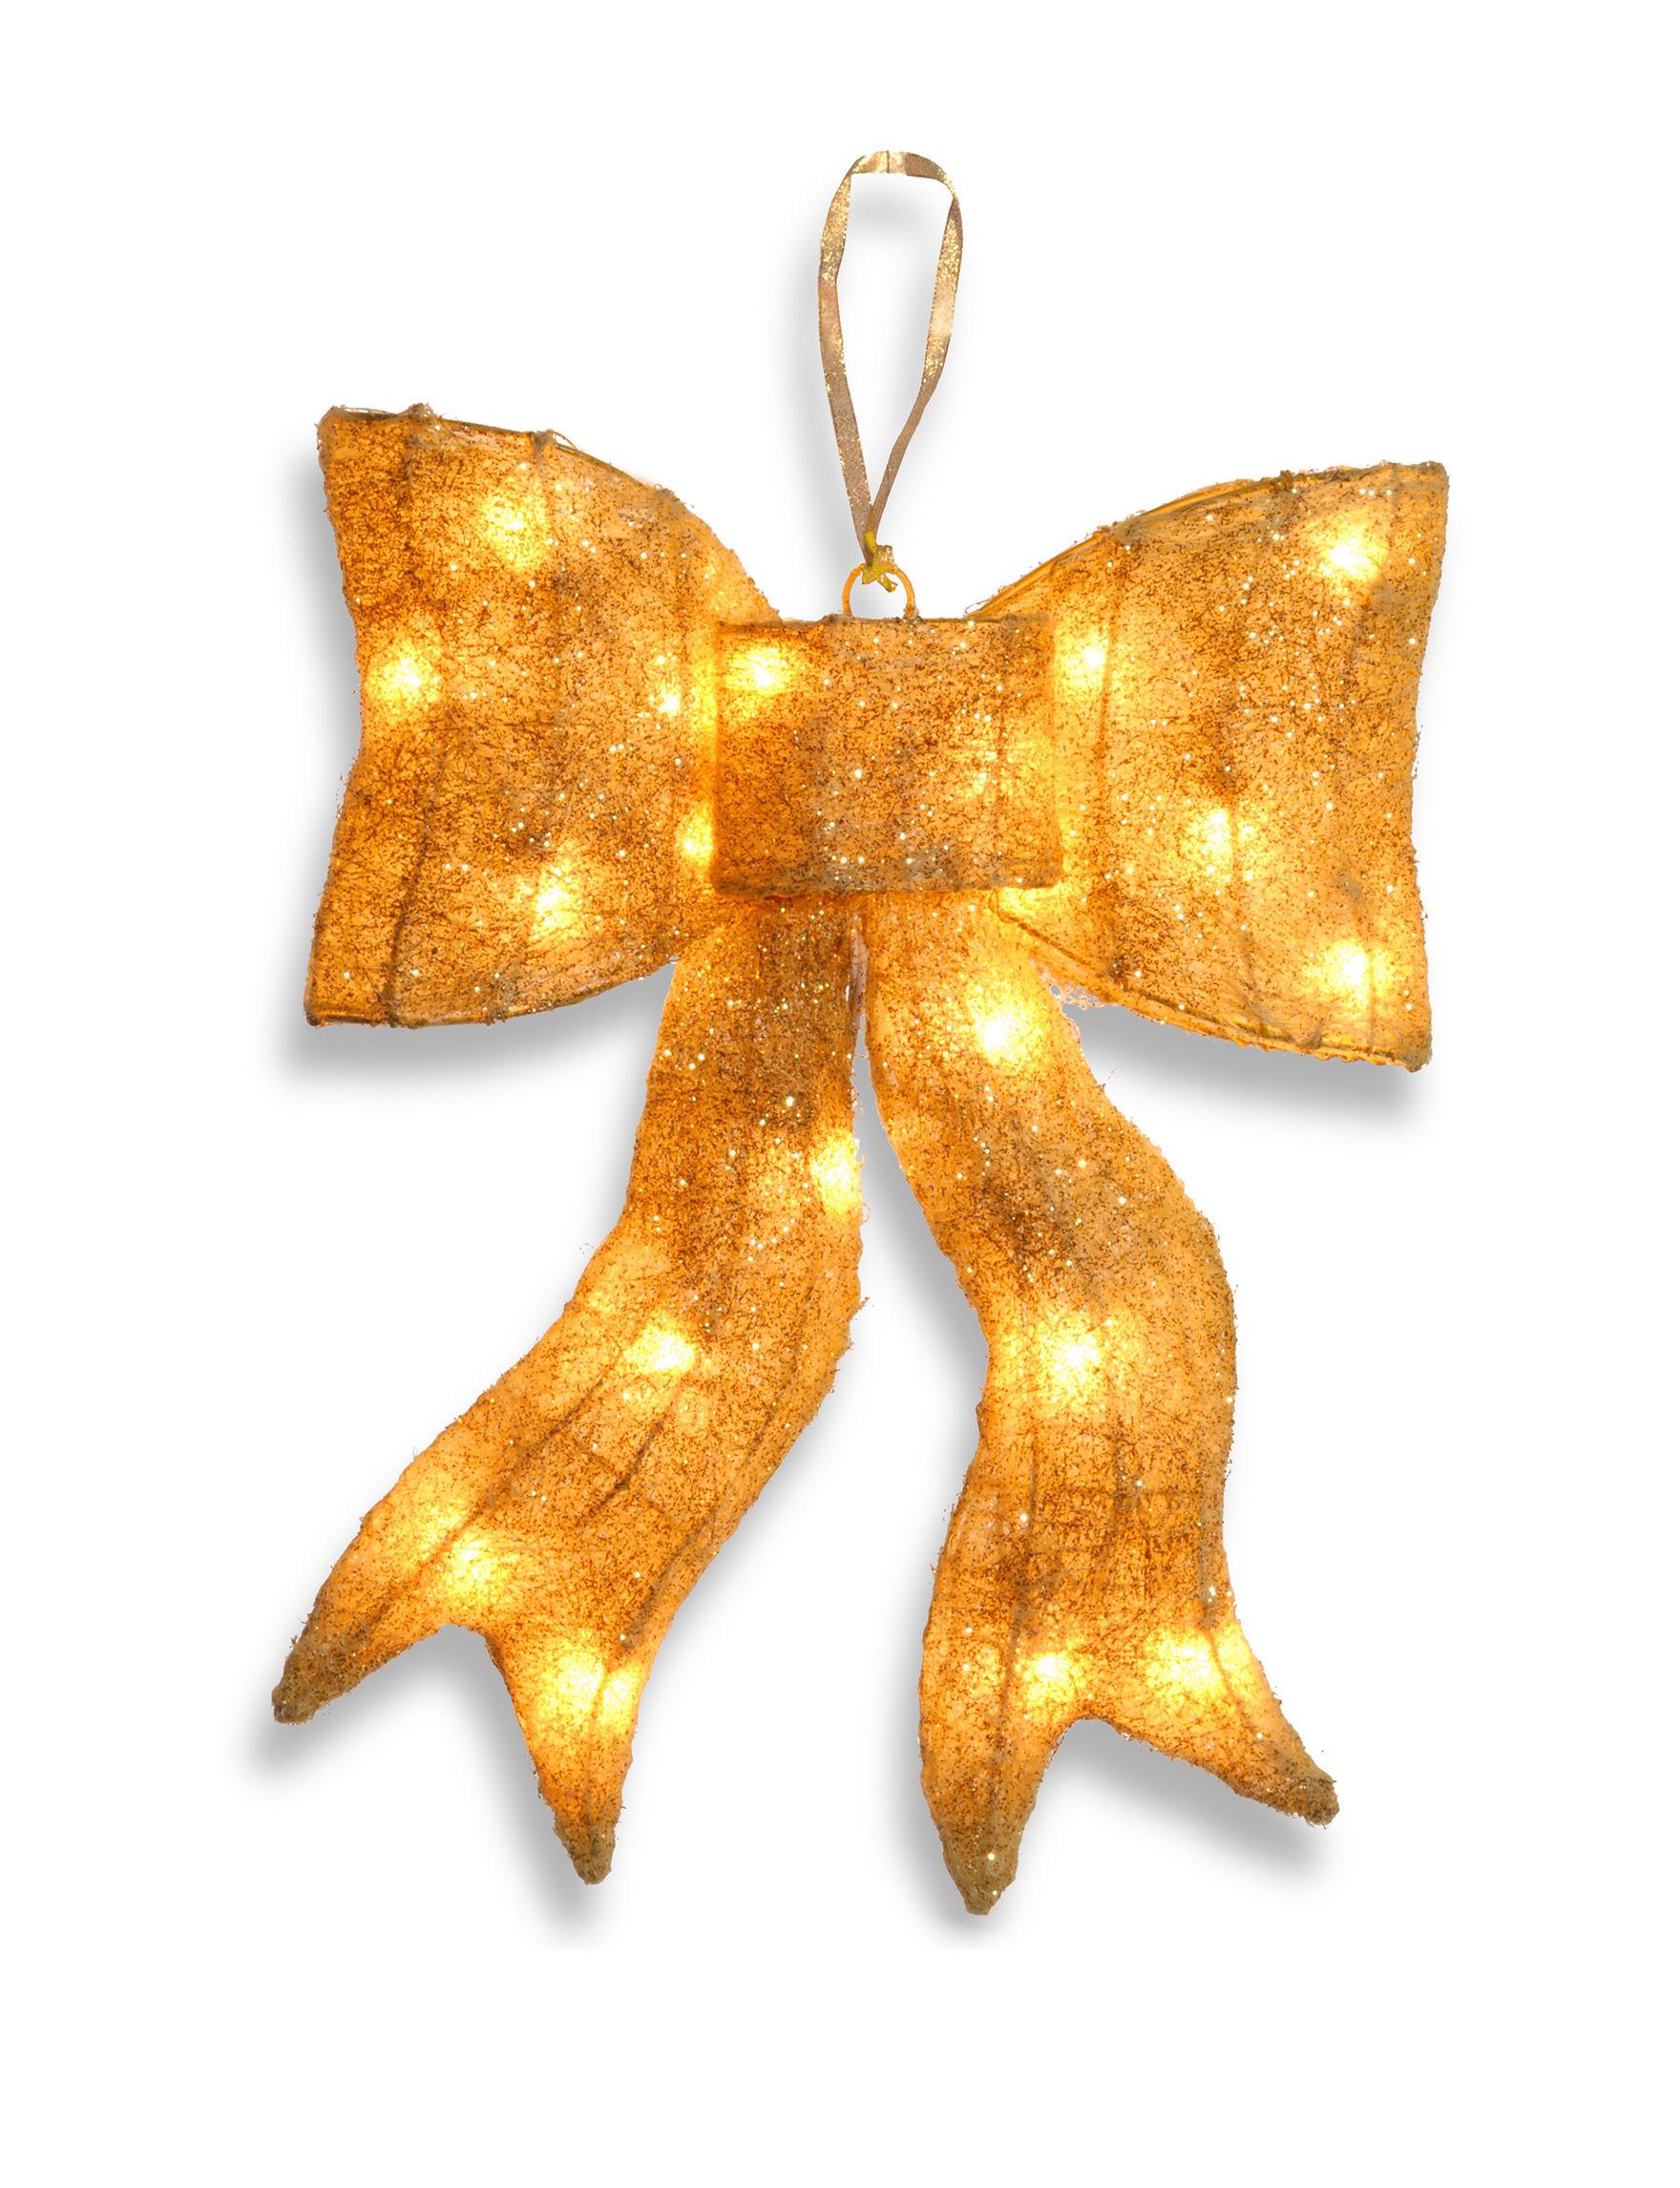 National Tree Company Gold Decorative Objects Holiday Decor